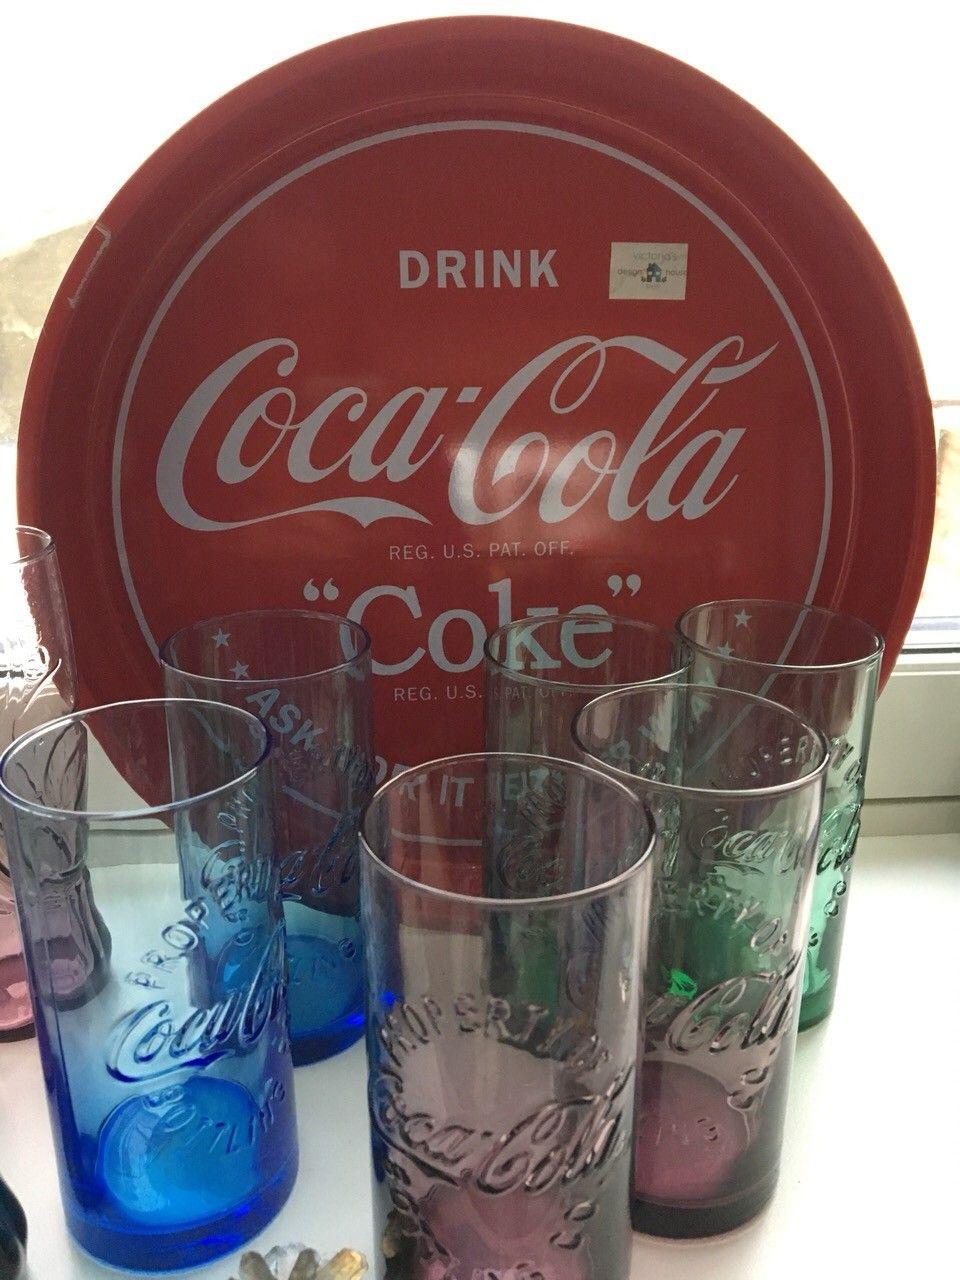 COCA COLA GLASS -  SERVERINGSBRETT - FORSKJELLIGE TYPER GLASS I FLERE FARGER - Oslo  - Coca cola glass og serveringsbrett selges , alt i god stand. Det store grønne glasset og de blå glassene kr 30,- per stk, de andre kr 20 per stk.  Serveringsbrett diameter 33 cm selges i annen annonse.  Kan s - Oslo